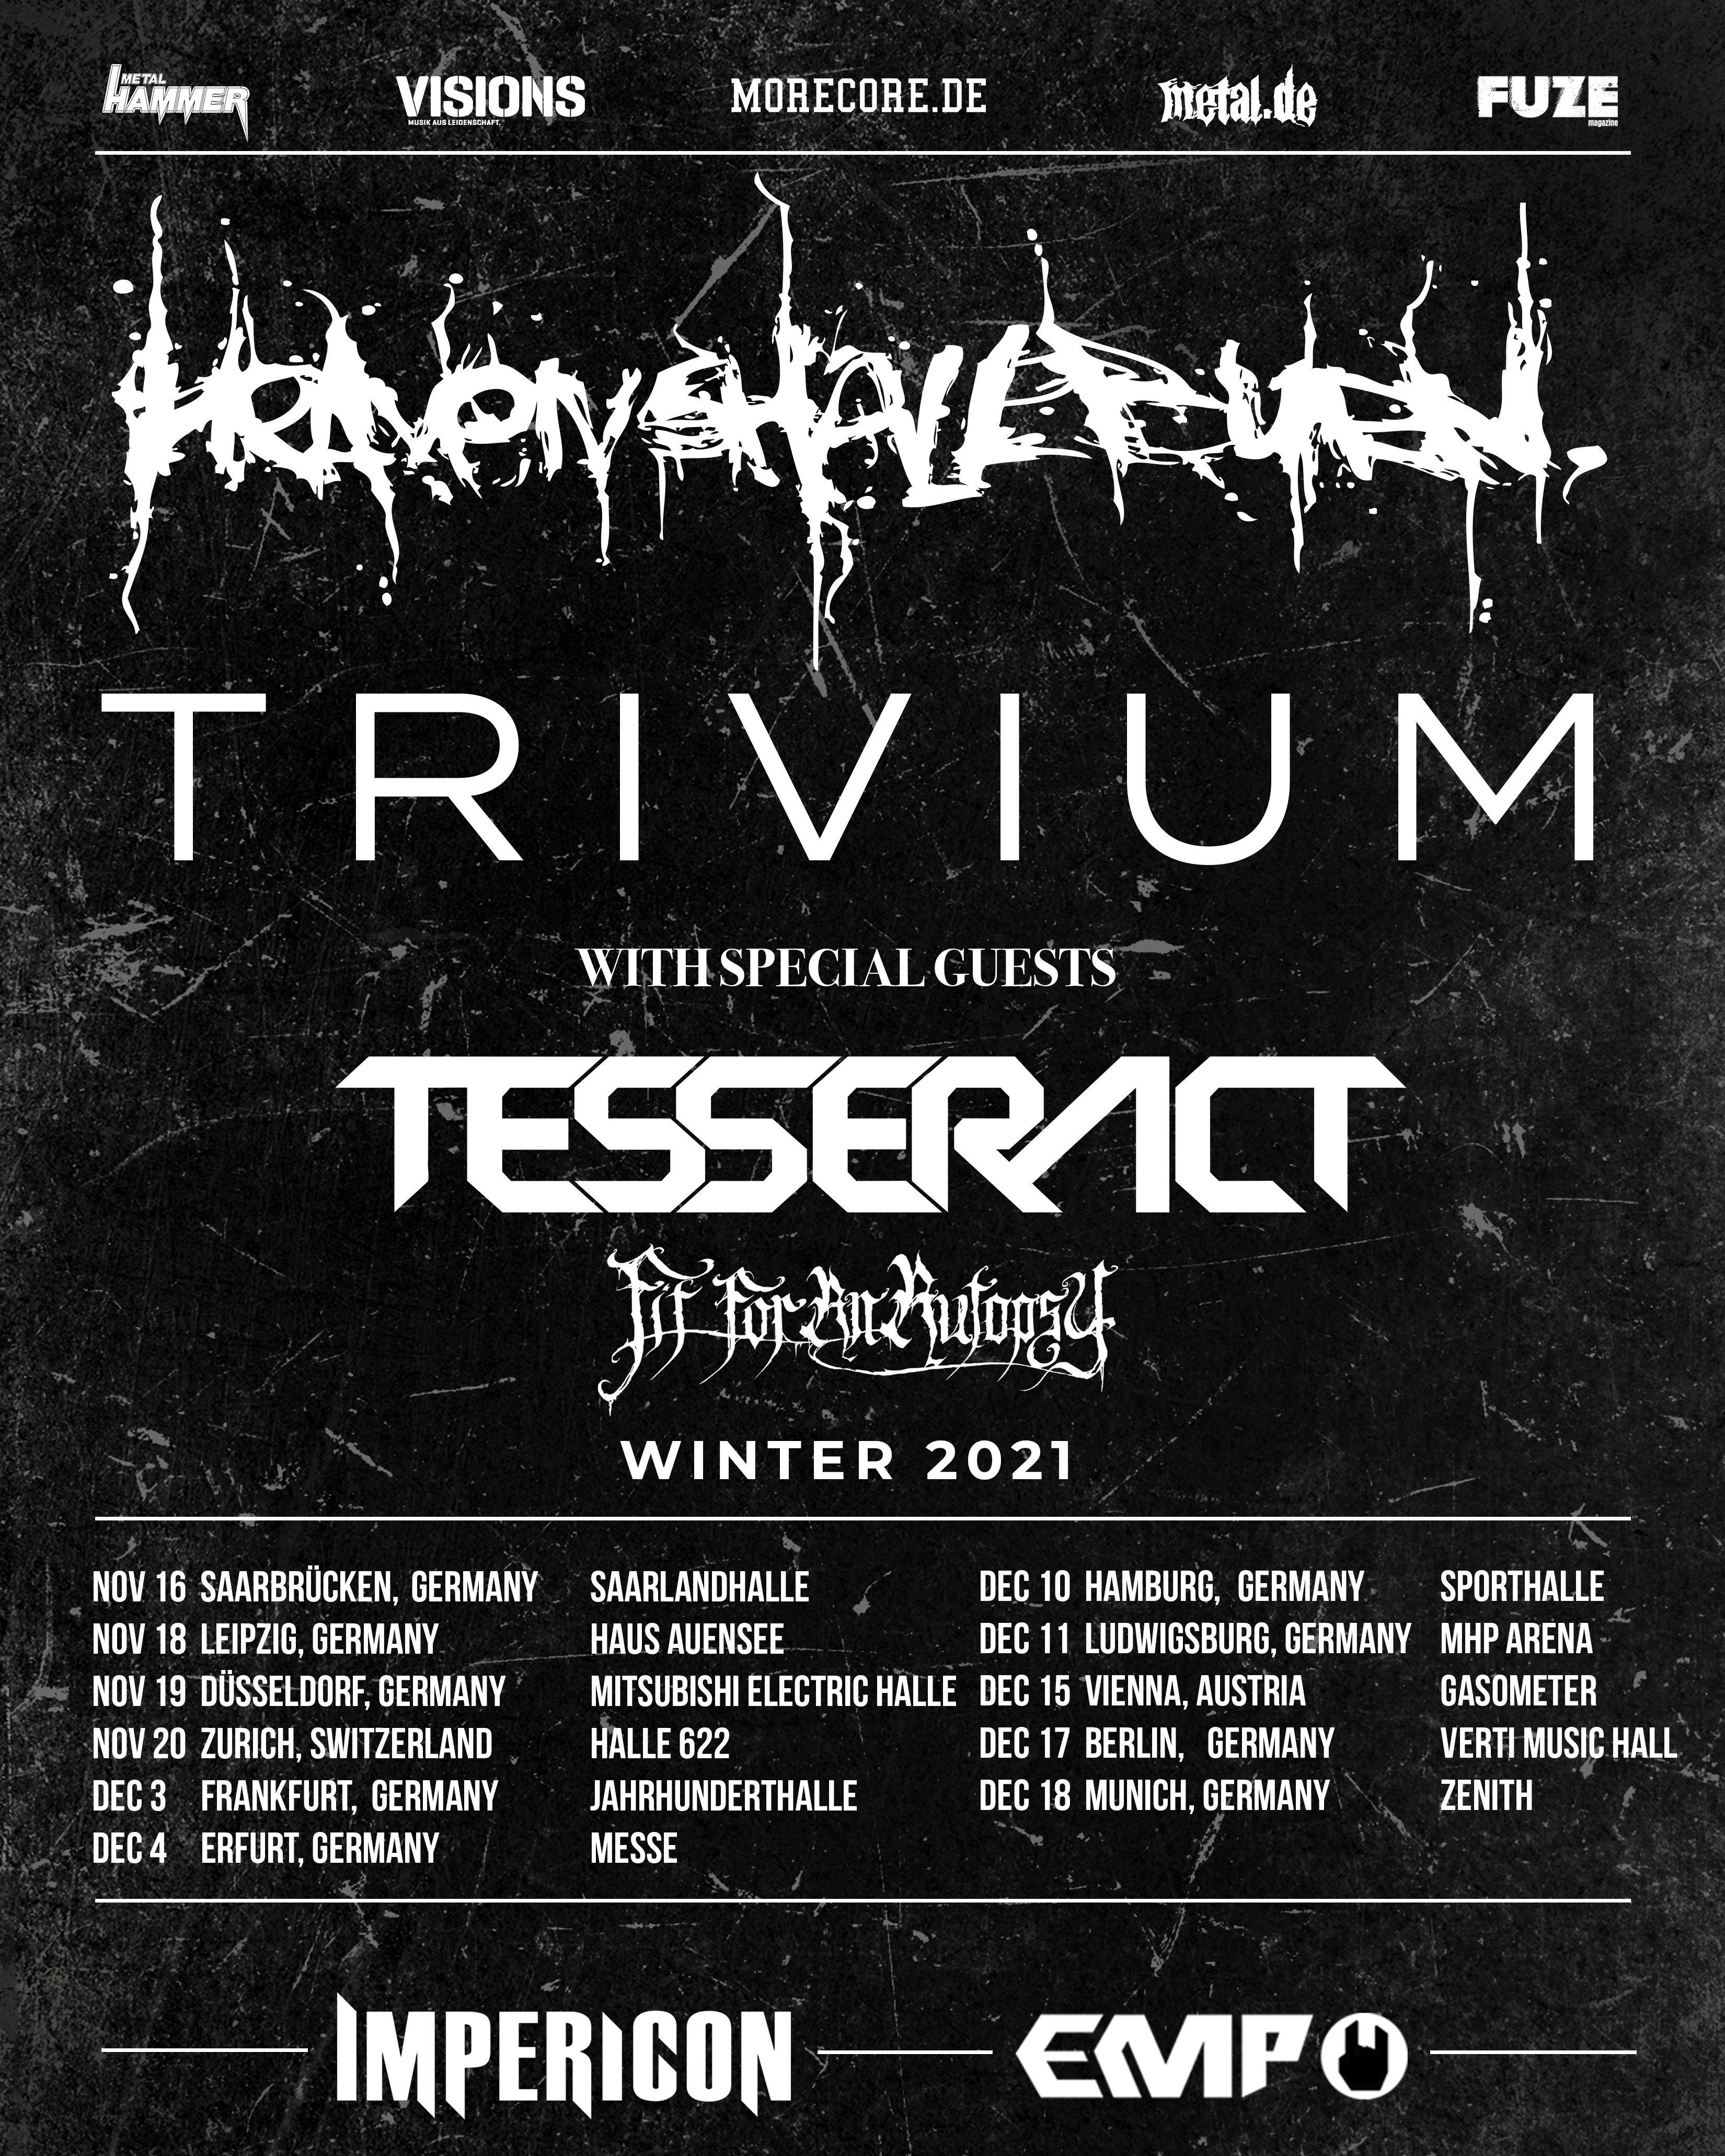 HSB+Trivium Tour 2021